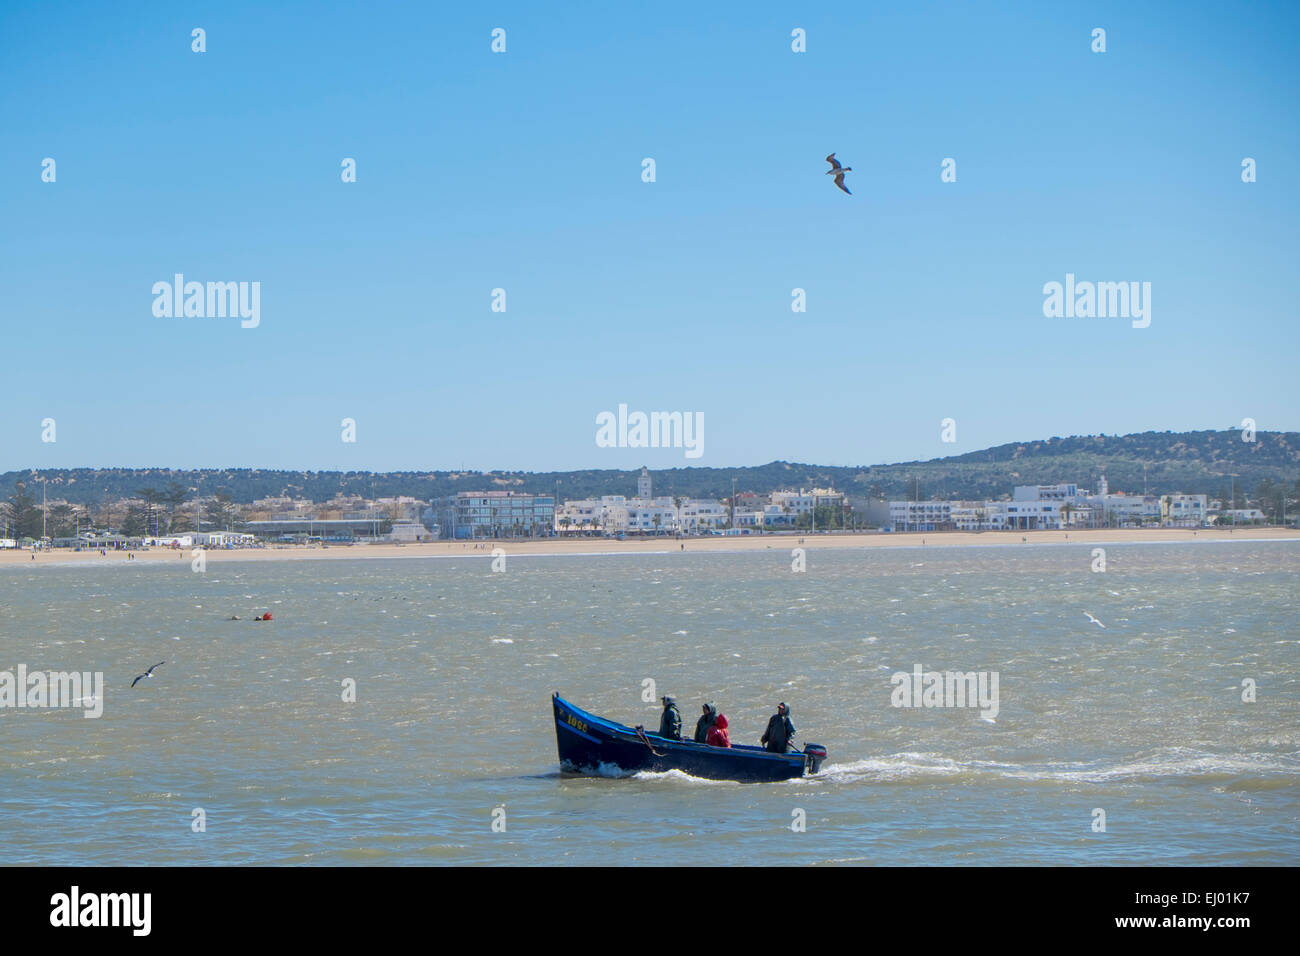 Angelboot/Fischerboot nähert sich des Hafens von Essaouira, Marokko, Nordafrika Stockbild